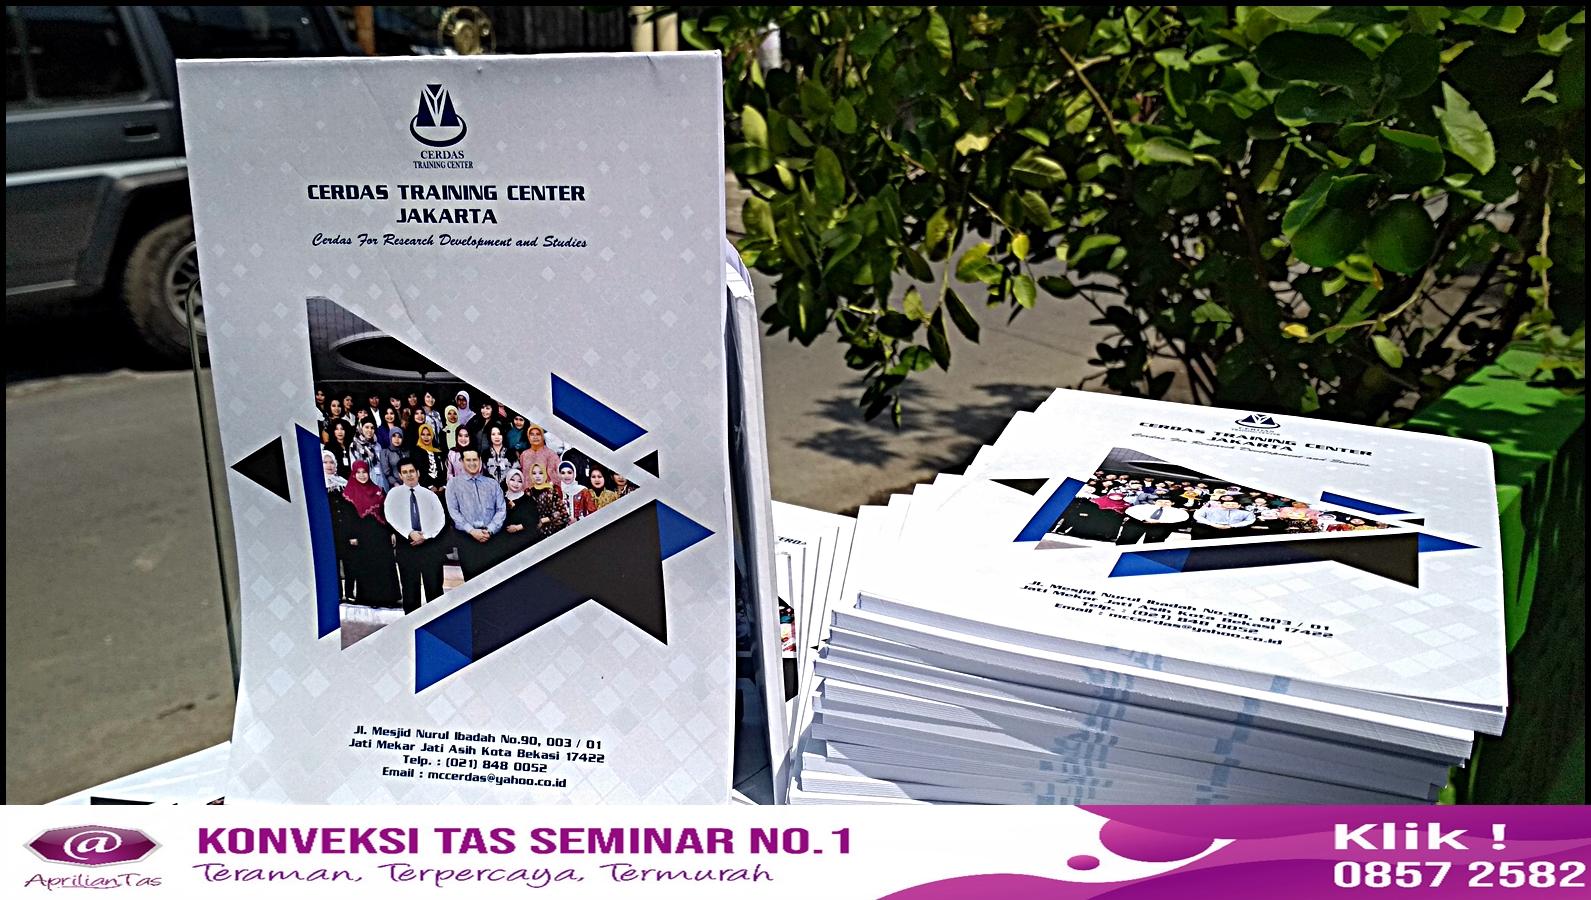 Tas Seminar Kit Bandung, Pesan Seminar Kit Murah Untuk Meriahkan Evenmu konveksi tas bandung,konveksi tas ransel,konveksi tas seminar,